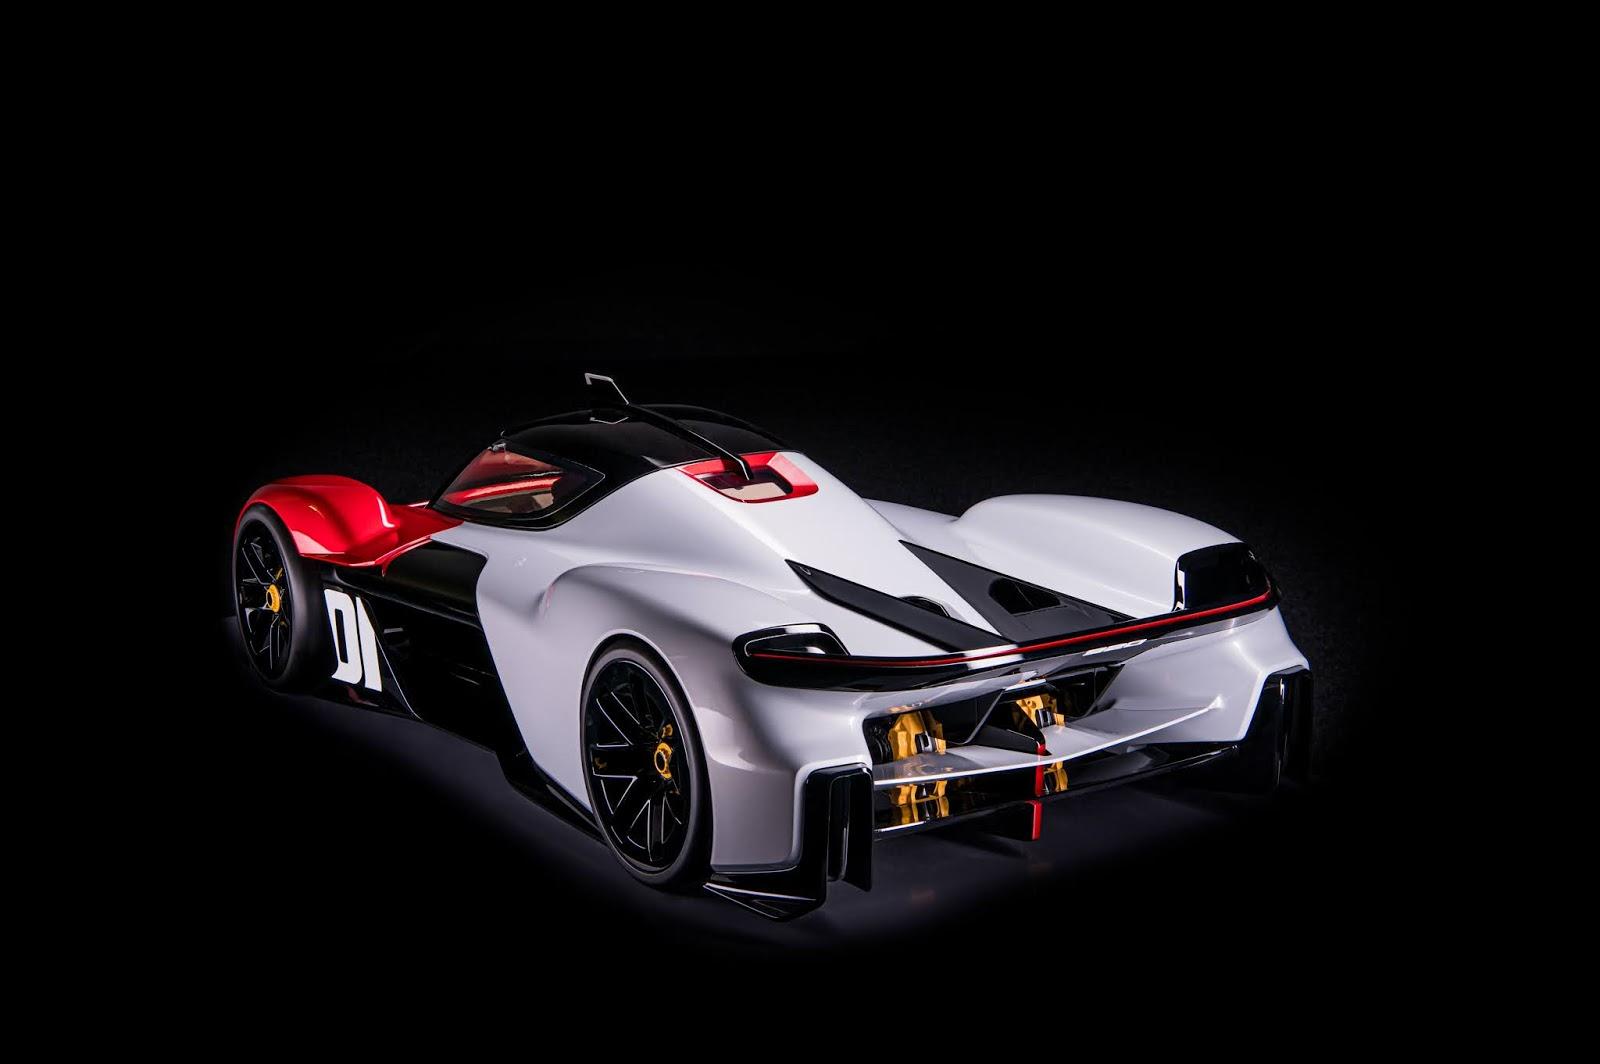 Capture0027 2 2 Τα άγνωστα Hypercars της Porsche hypercar, Porsche, Porsche Unseen, Sunday, supercar, supercars, zblog, ειδήσεις